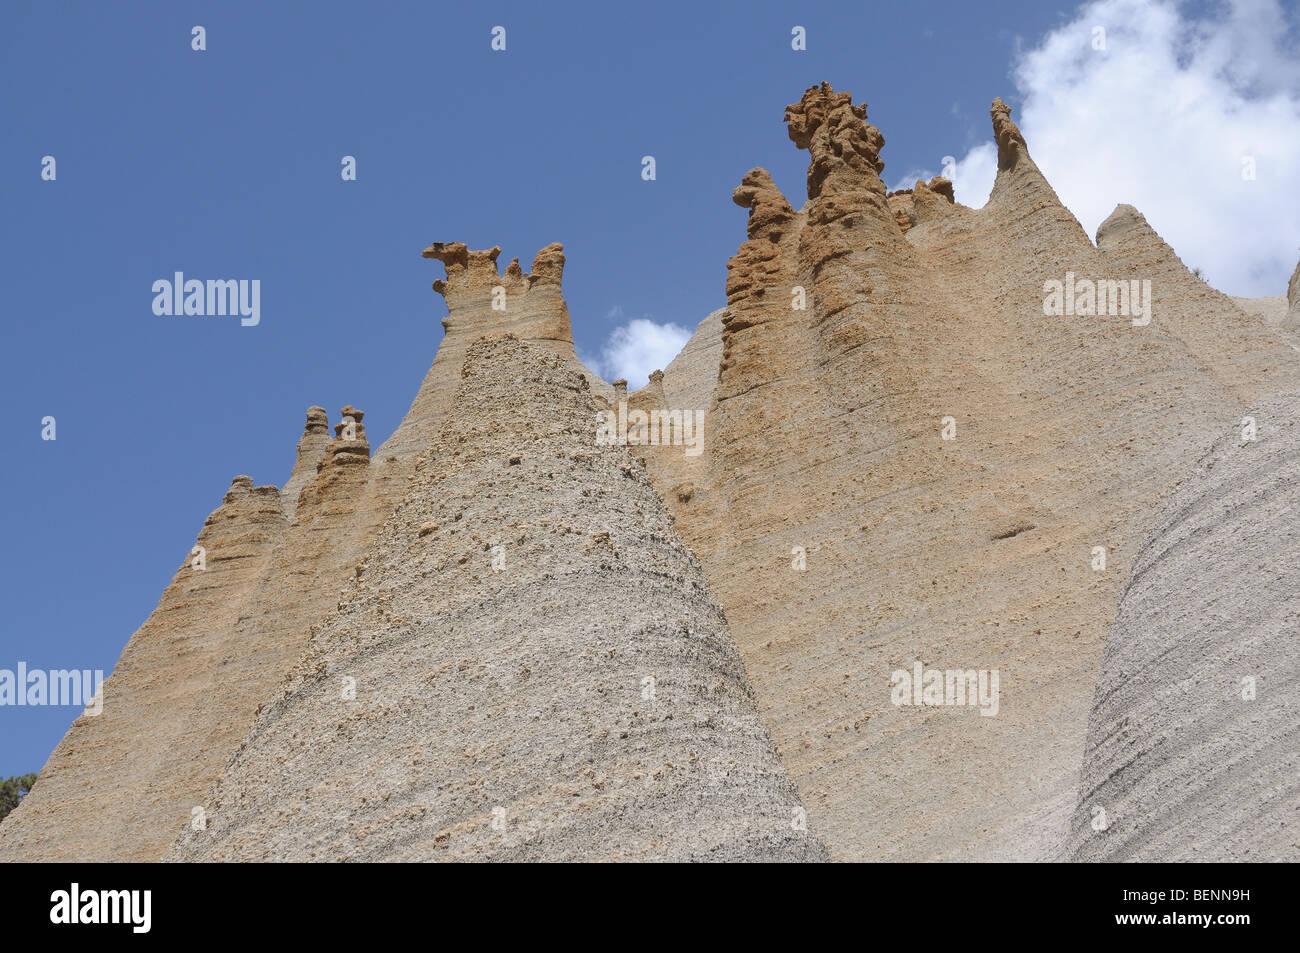 Fels-Formationen Paisaje Lunar (Mondlandschaft) auf der Kanarischen Insel Teneriffa, Spanien Stockbild